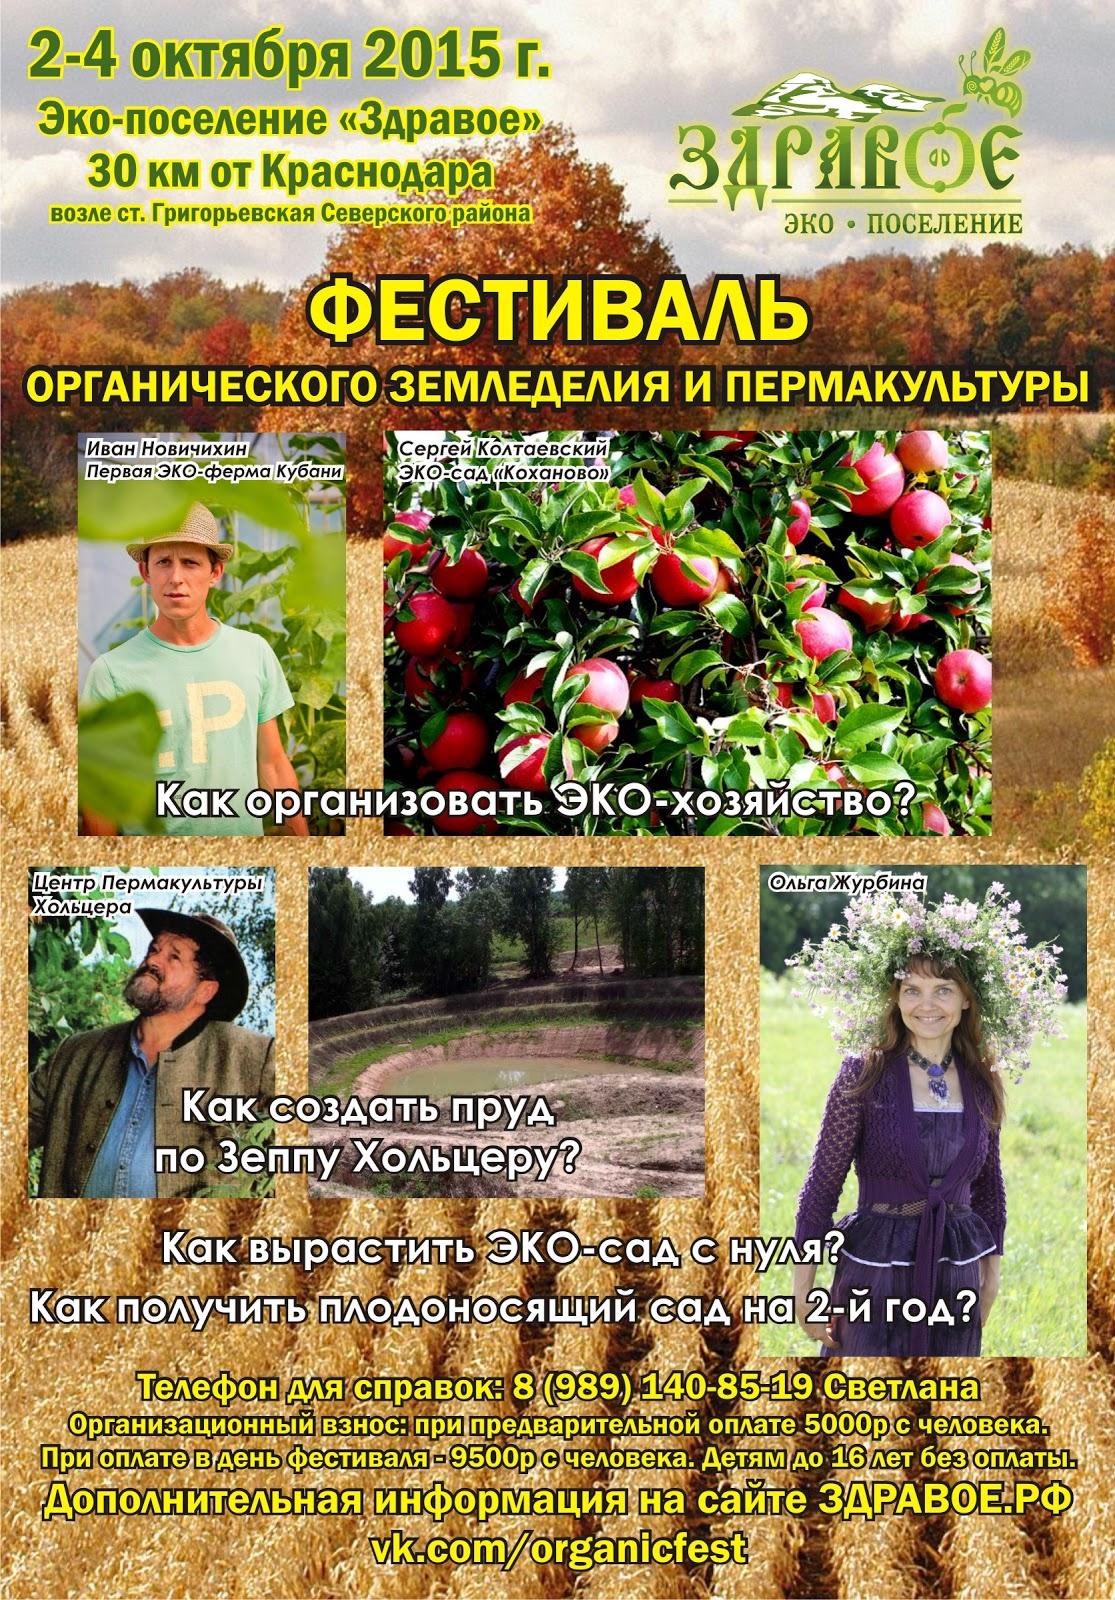 Афиша органическое земледелие